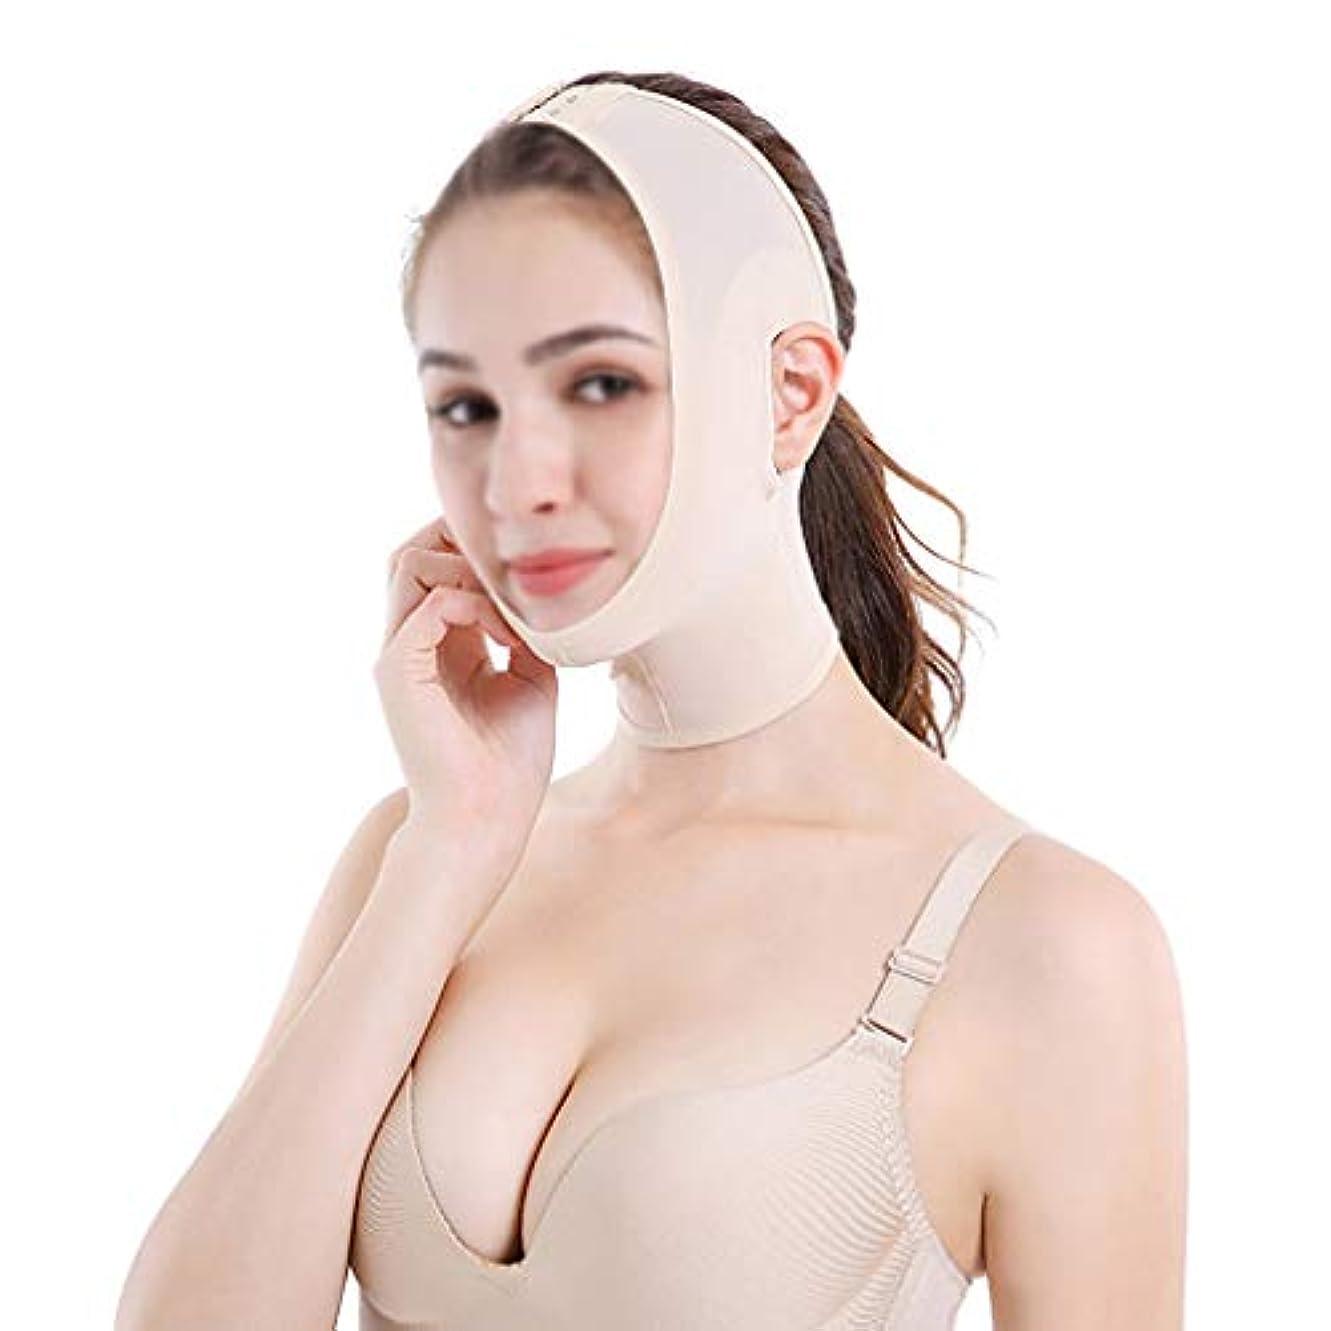 民主党盆地ダイエットLJK ベルトフェイスリフティング包帯小Vフェイスマスクフェイスリフティングアーティファクトフェイスリフティングファーミングマスクをスリミングフェイスマスクを引き締め (Size : M)